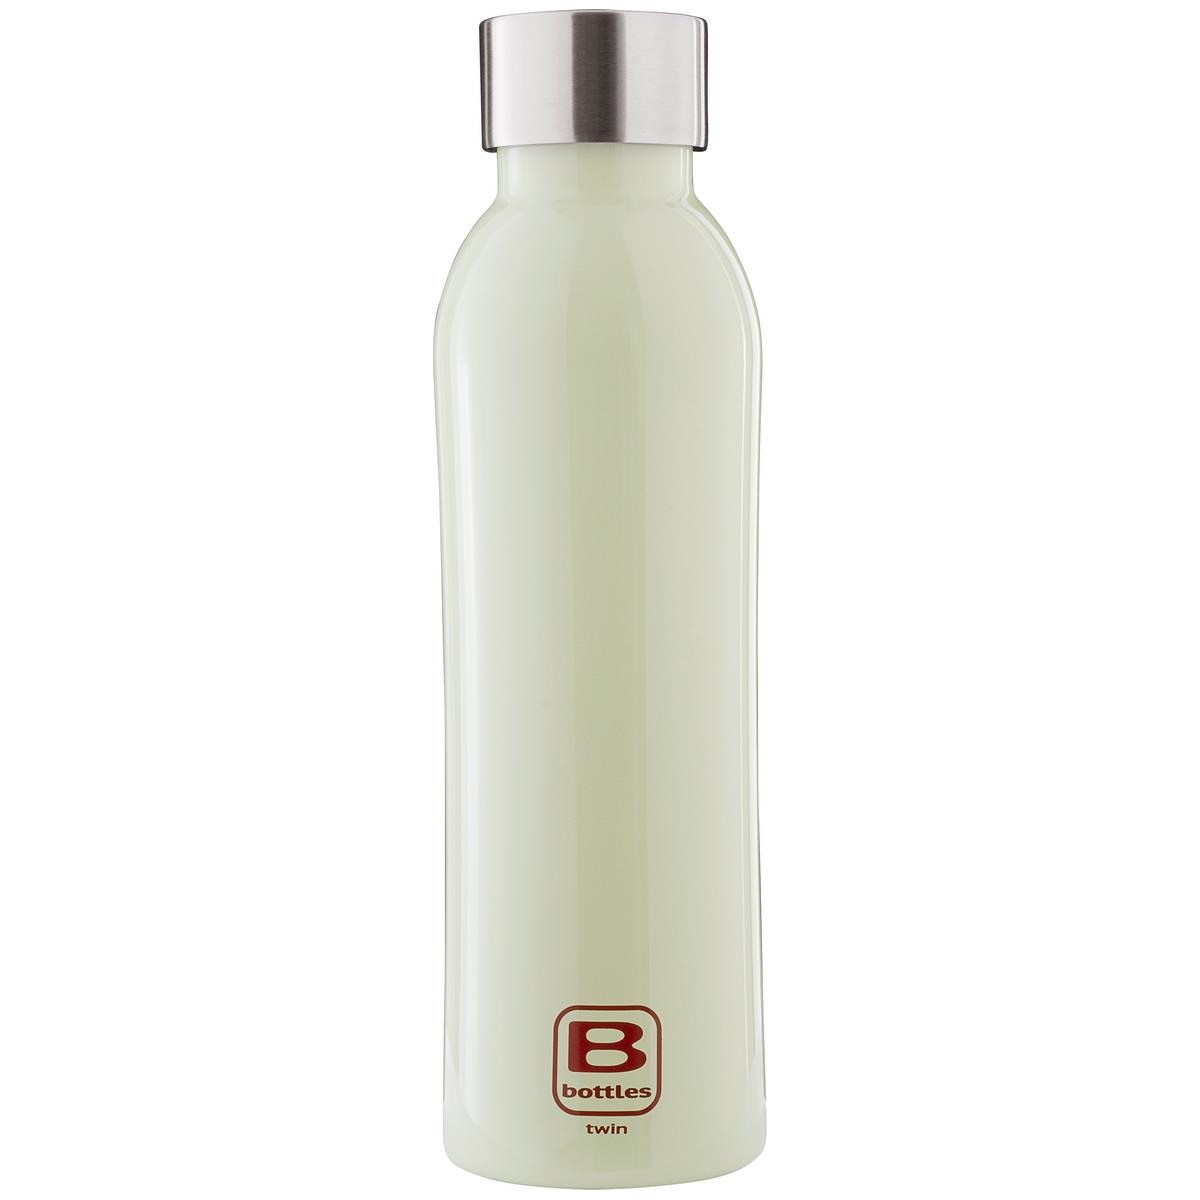 B Bottles Twin - Light Green - 500 ml - Bottiglia Termica a doppia parete in acciaio inox 18/10